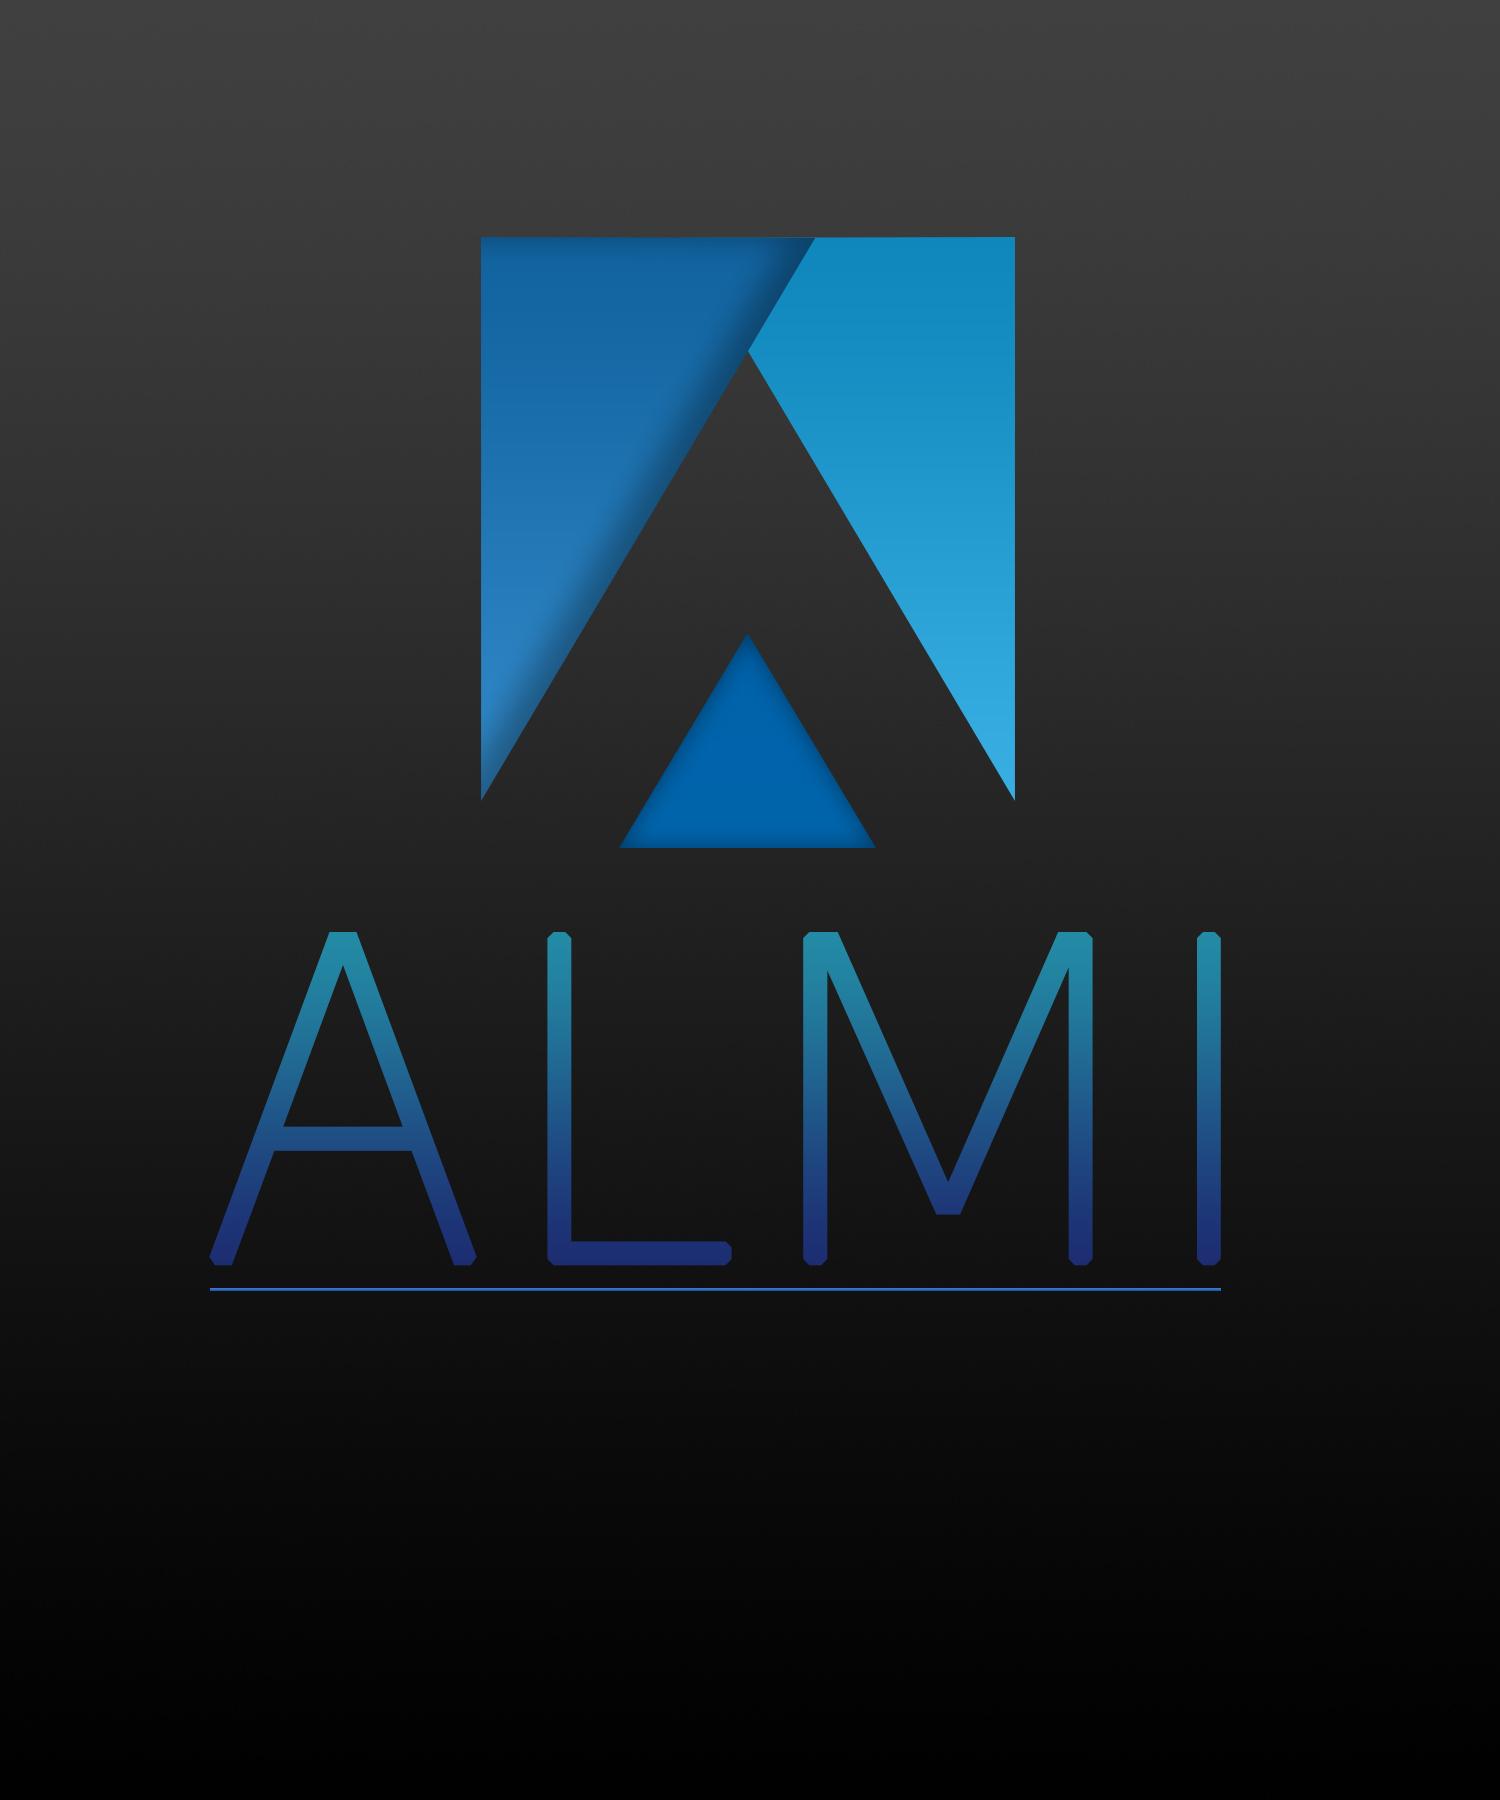 Разработка логотипа и фона фото f_988598d92708ba72.jpg